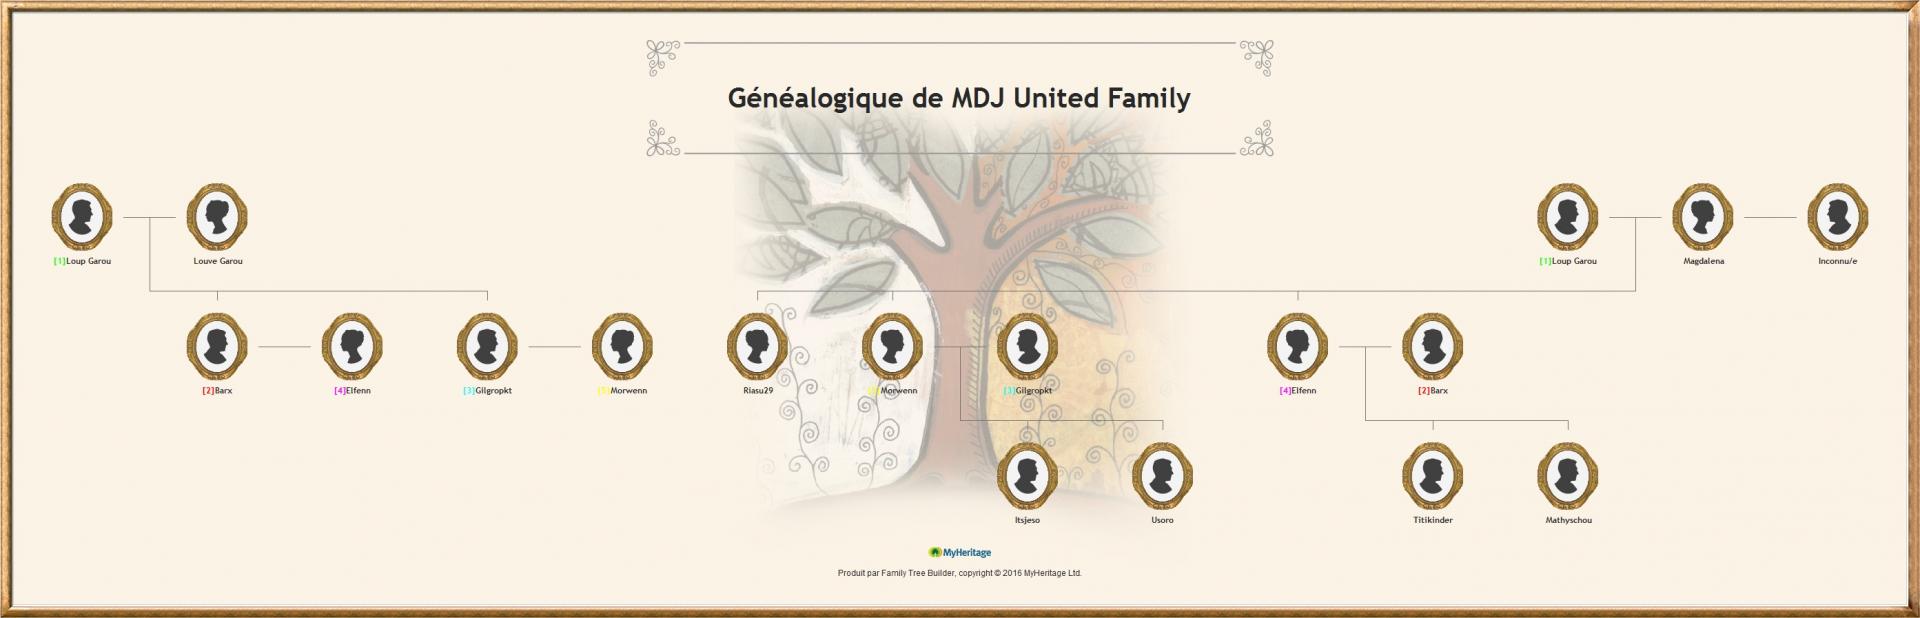 Genealogique de mdj united family